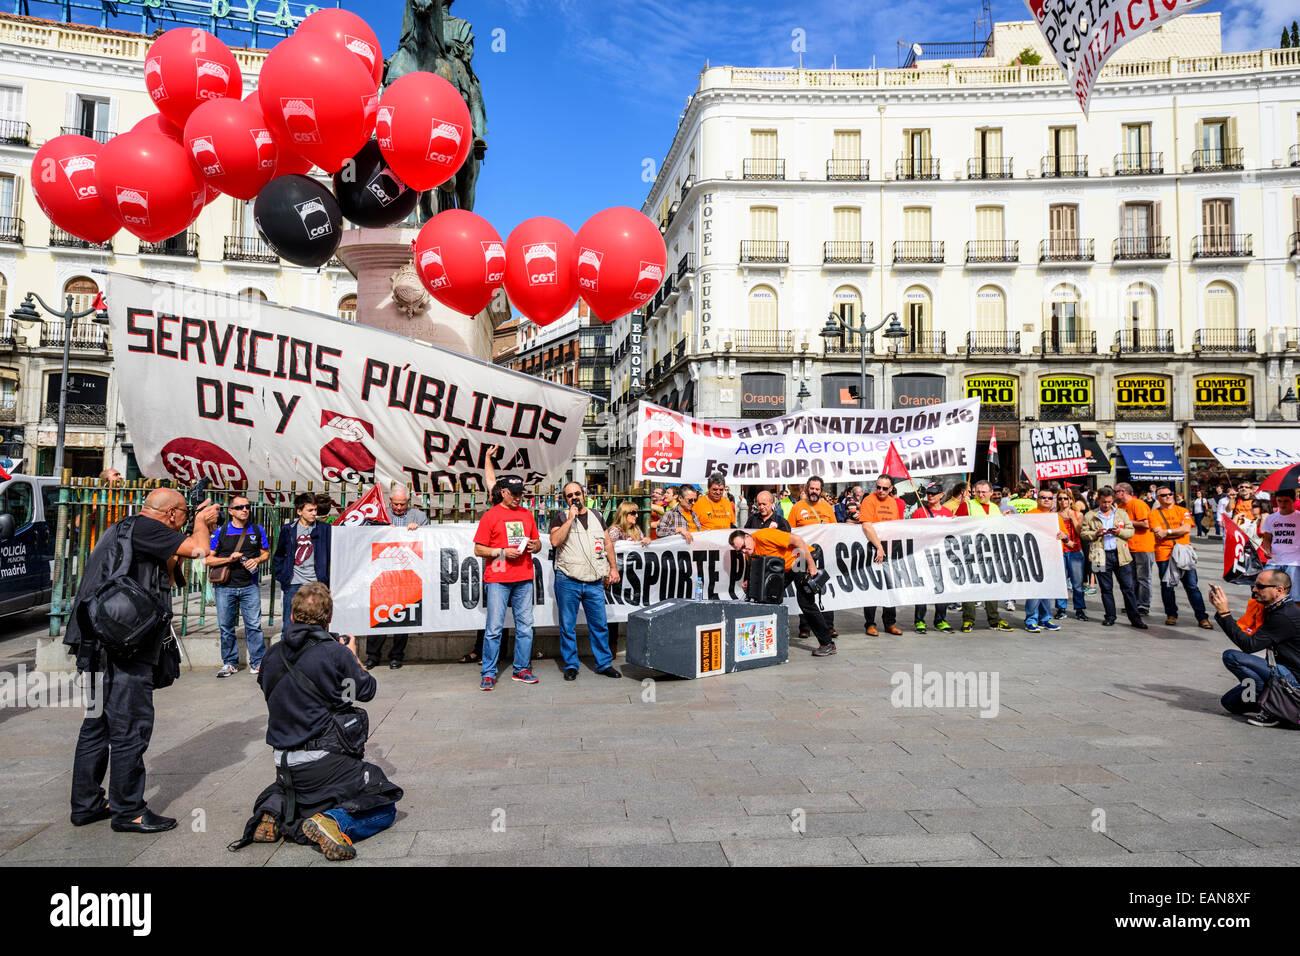 Andrang an der Puerta del Sol Plaza protestieren die Privatisierung der staatlichen Flughafenbetreiber Aena Aeropuertos. Stockbild